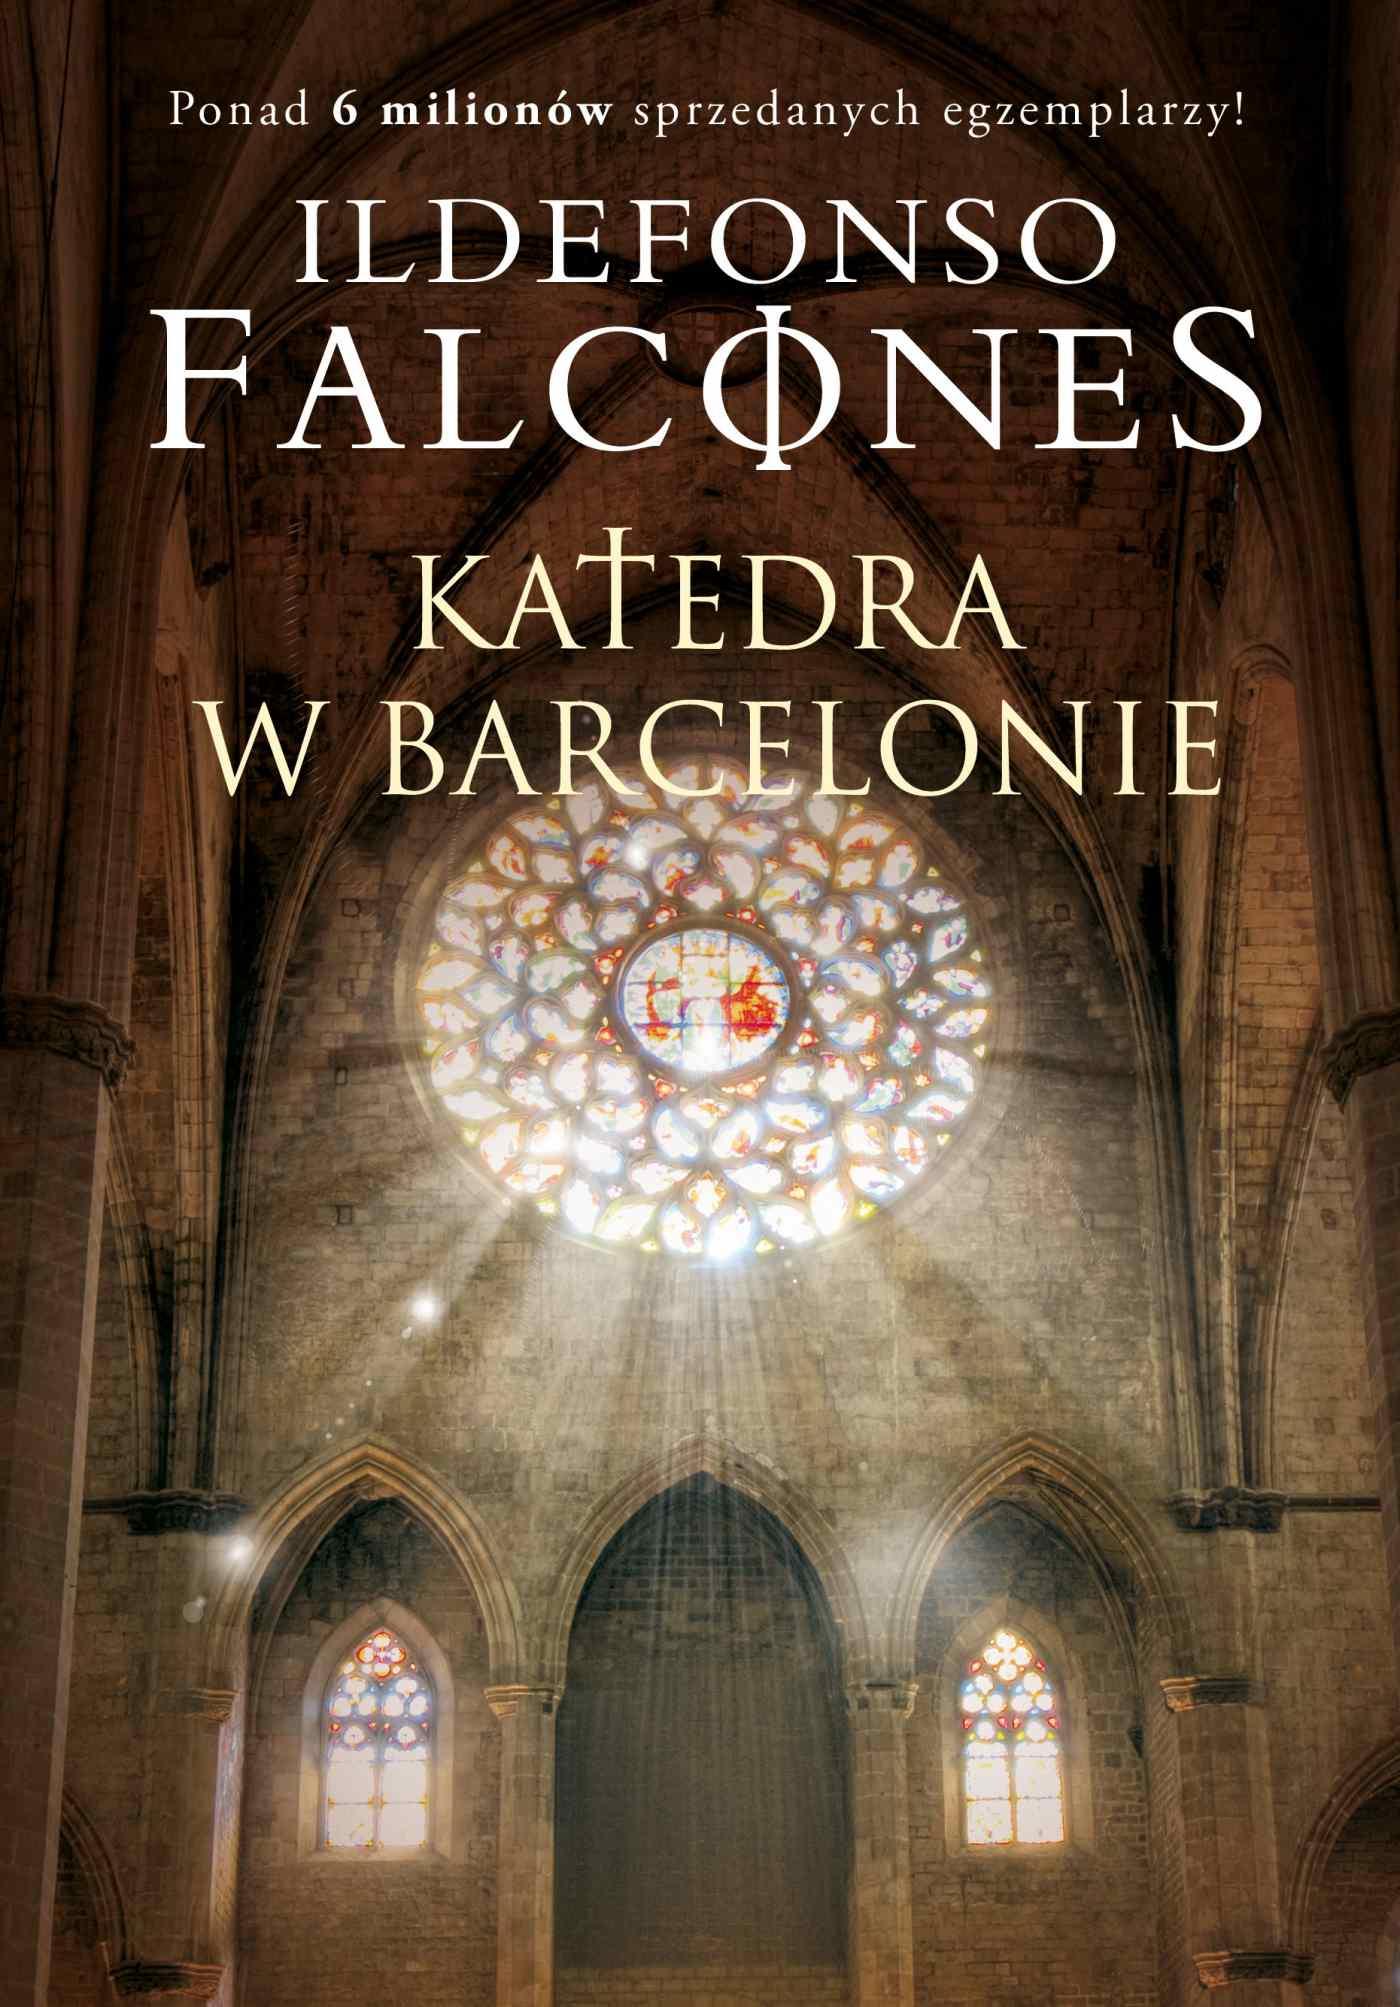 Katedra w Barcelonie - Ebook (Książka na Kindle) do pobrania w formacie MOBI